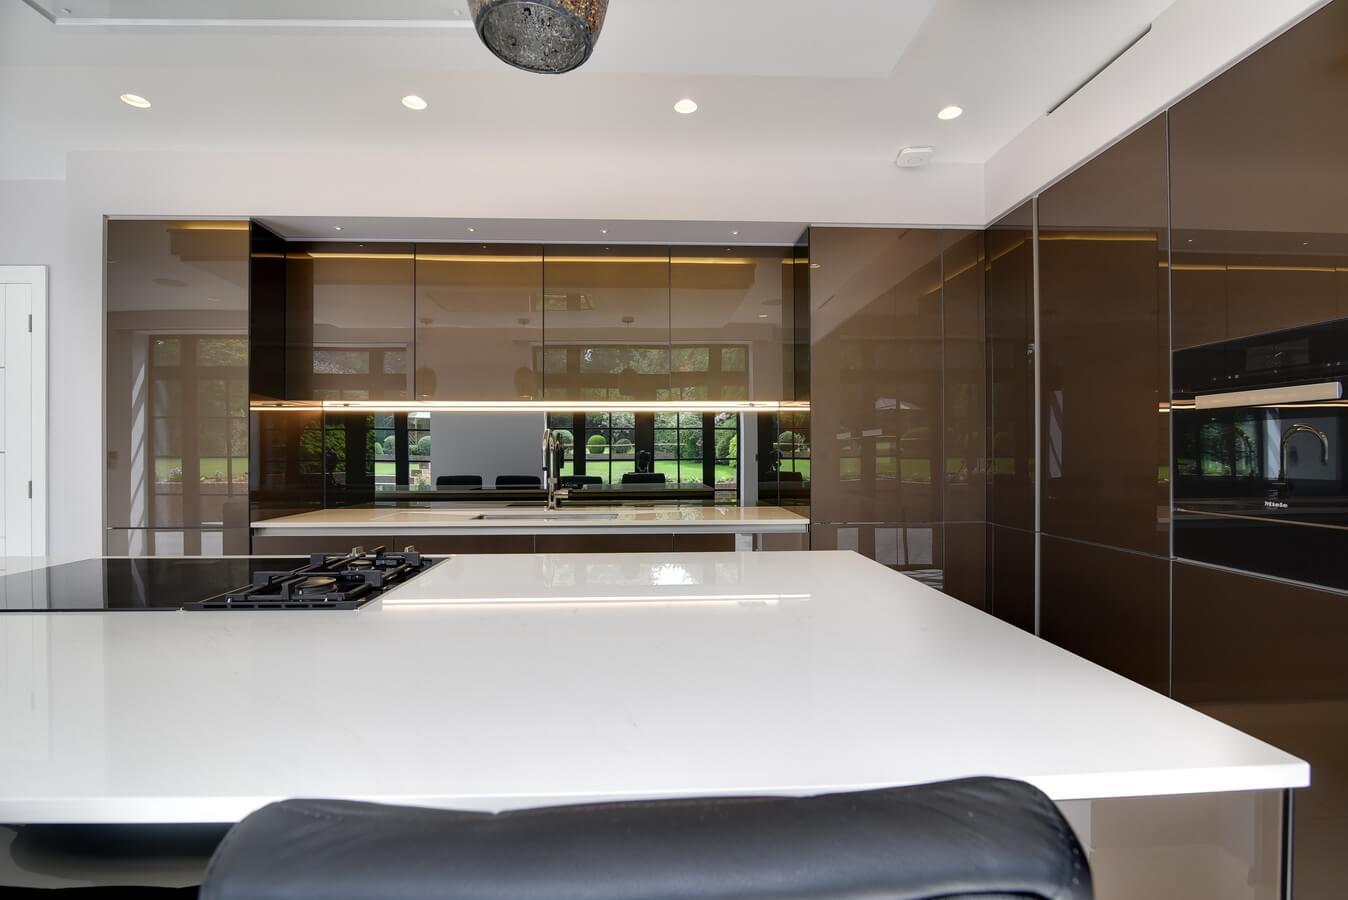 modern-german-kitchen-by-next125-north-london.jpg